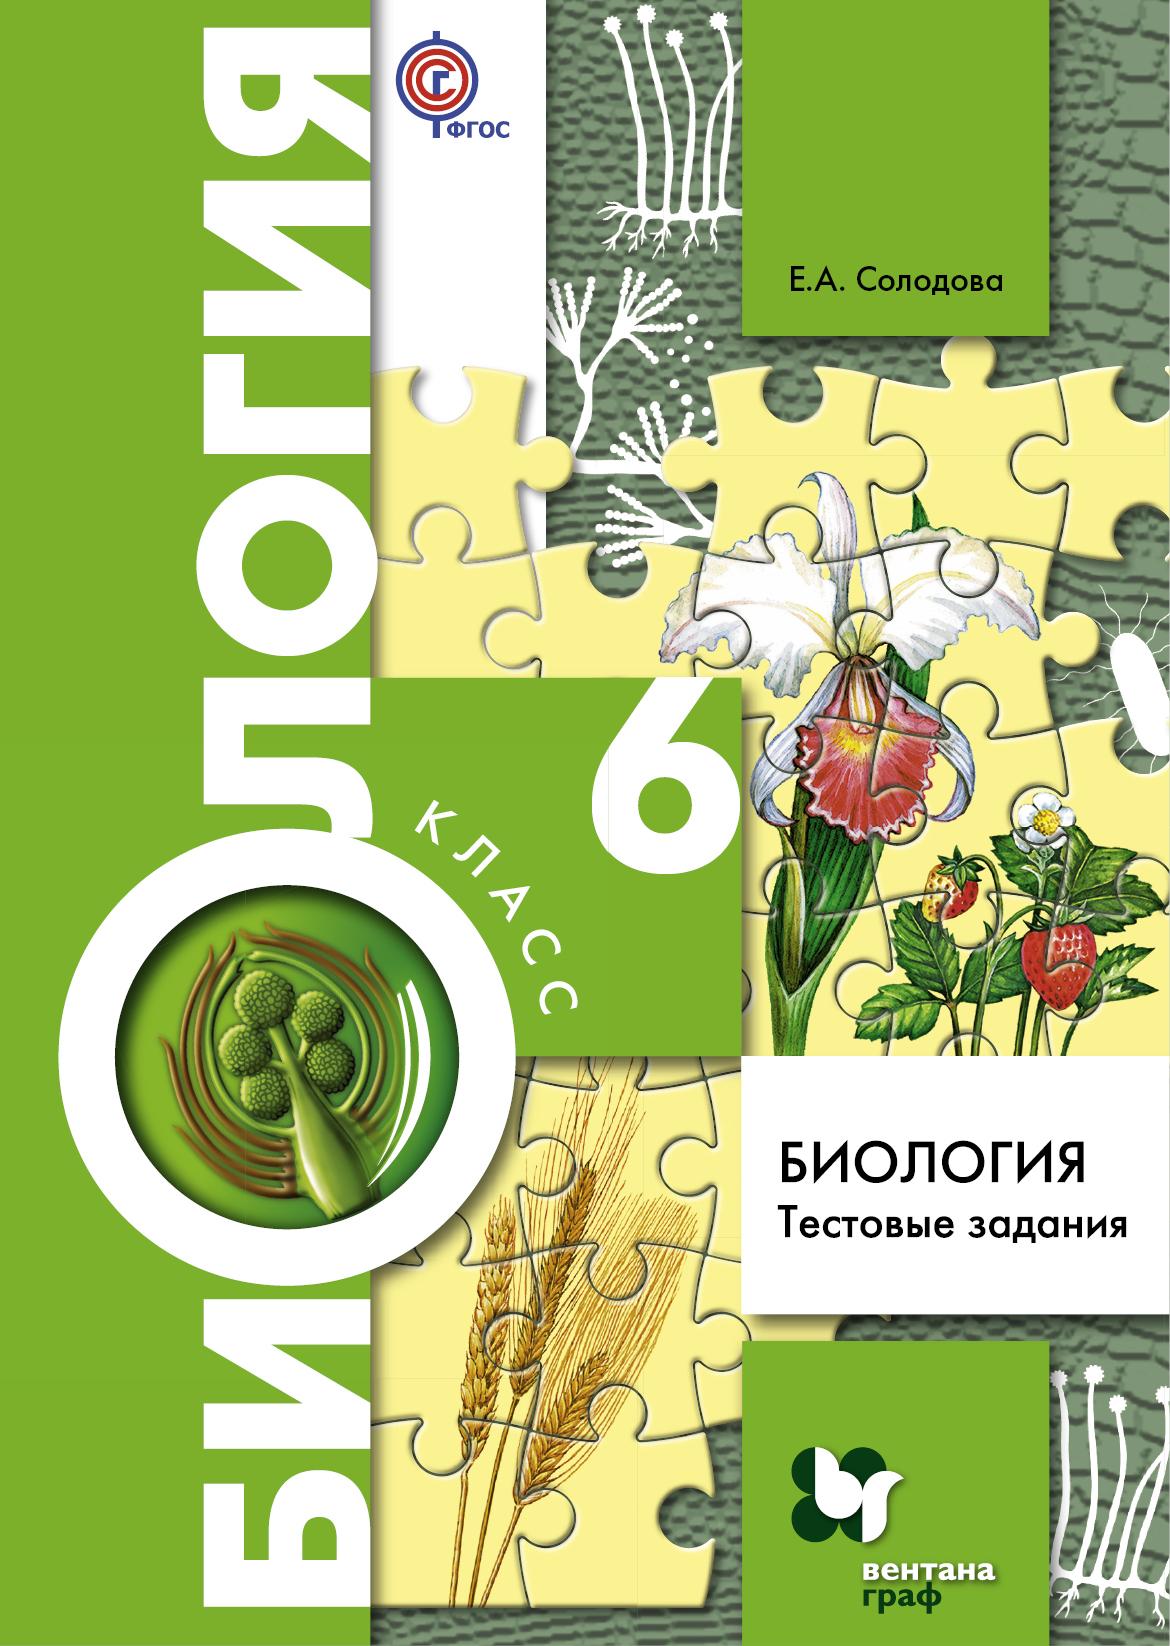 Биология. 6 класс. Тестовые задания. Дидактические материалы